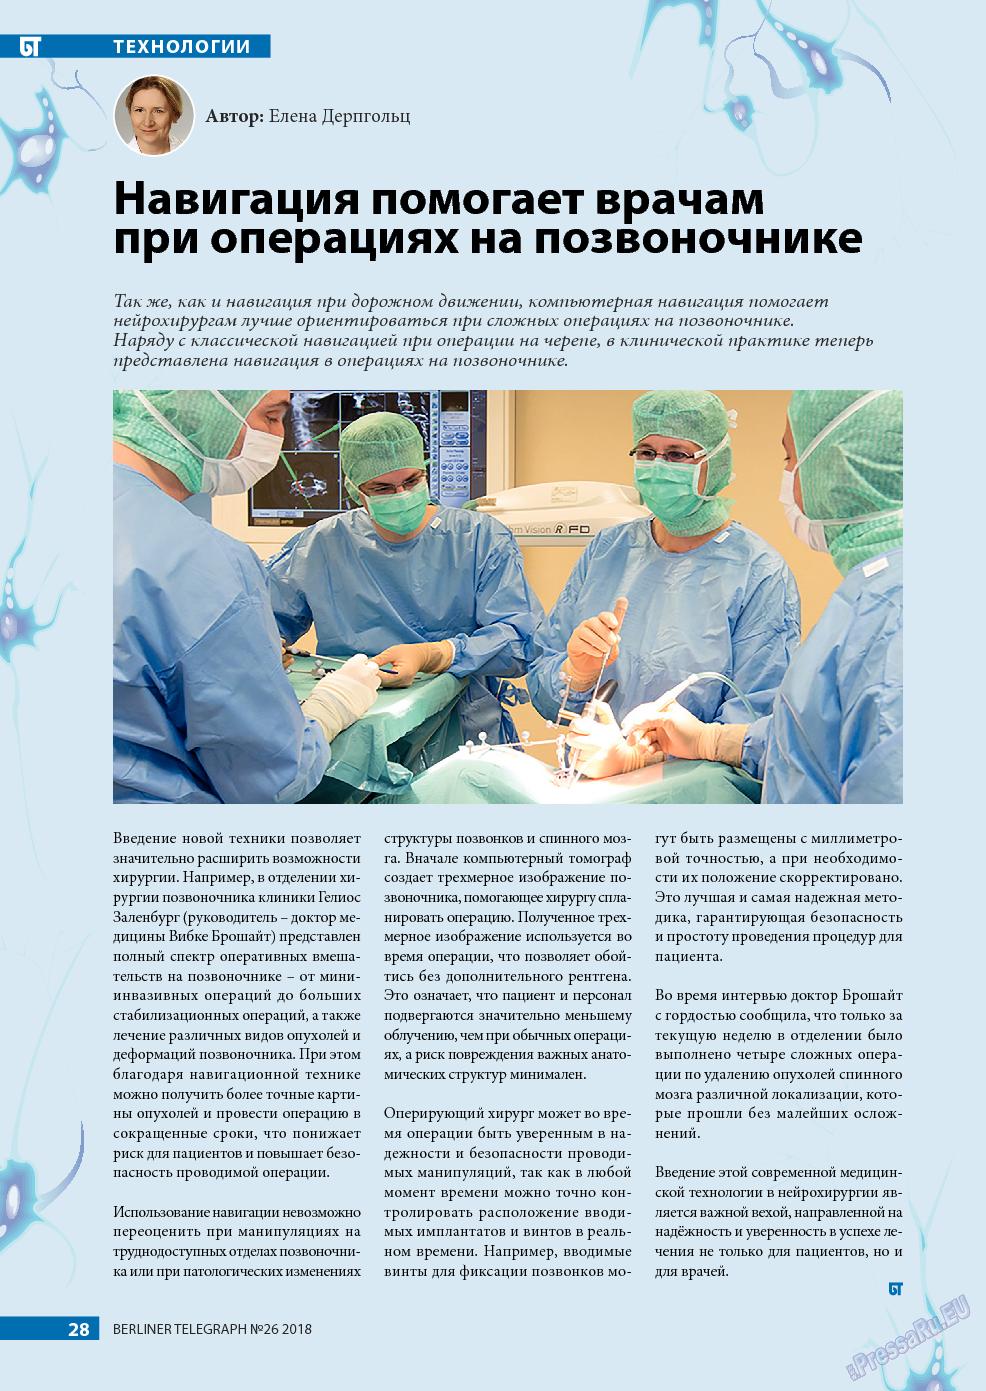 Берлинский телеграф (журнал). 2018 год, номер 26, стр. 28